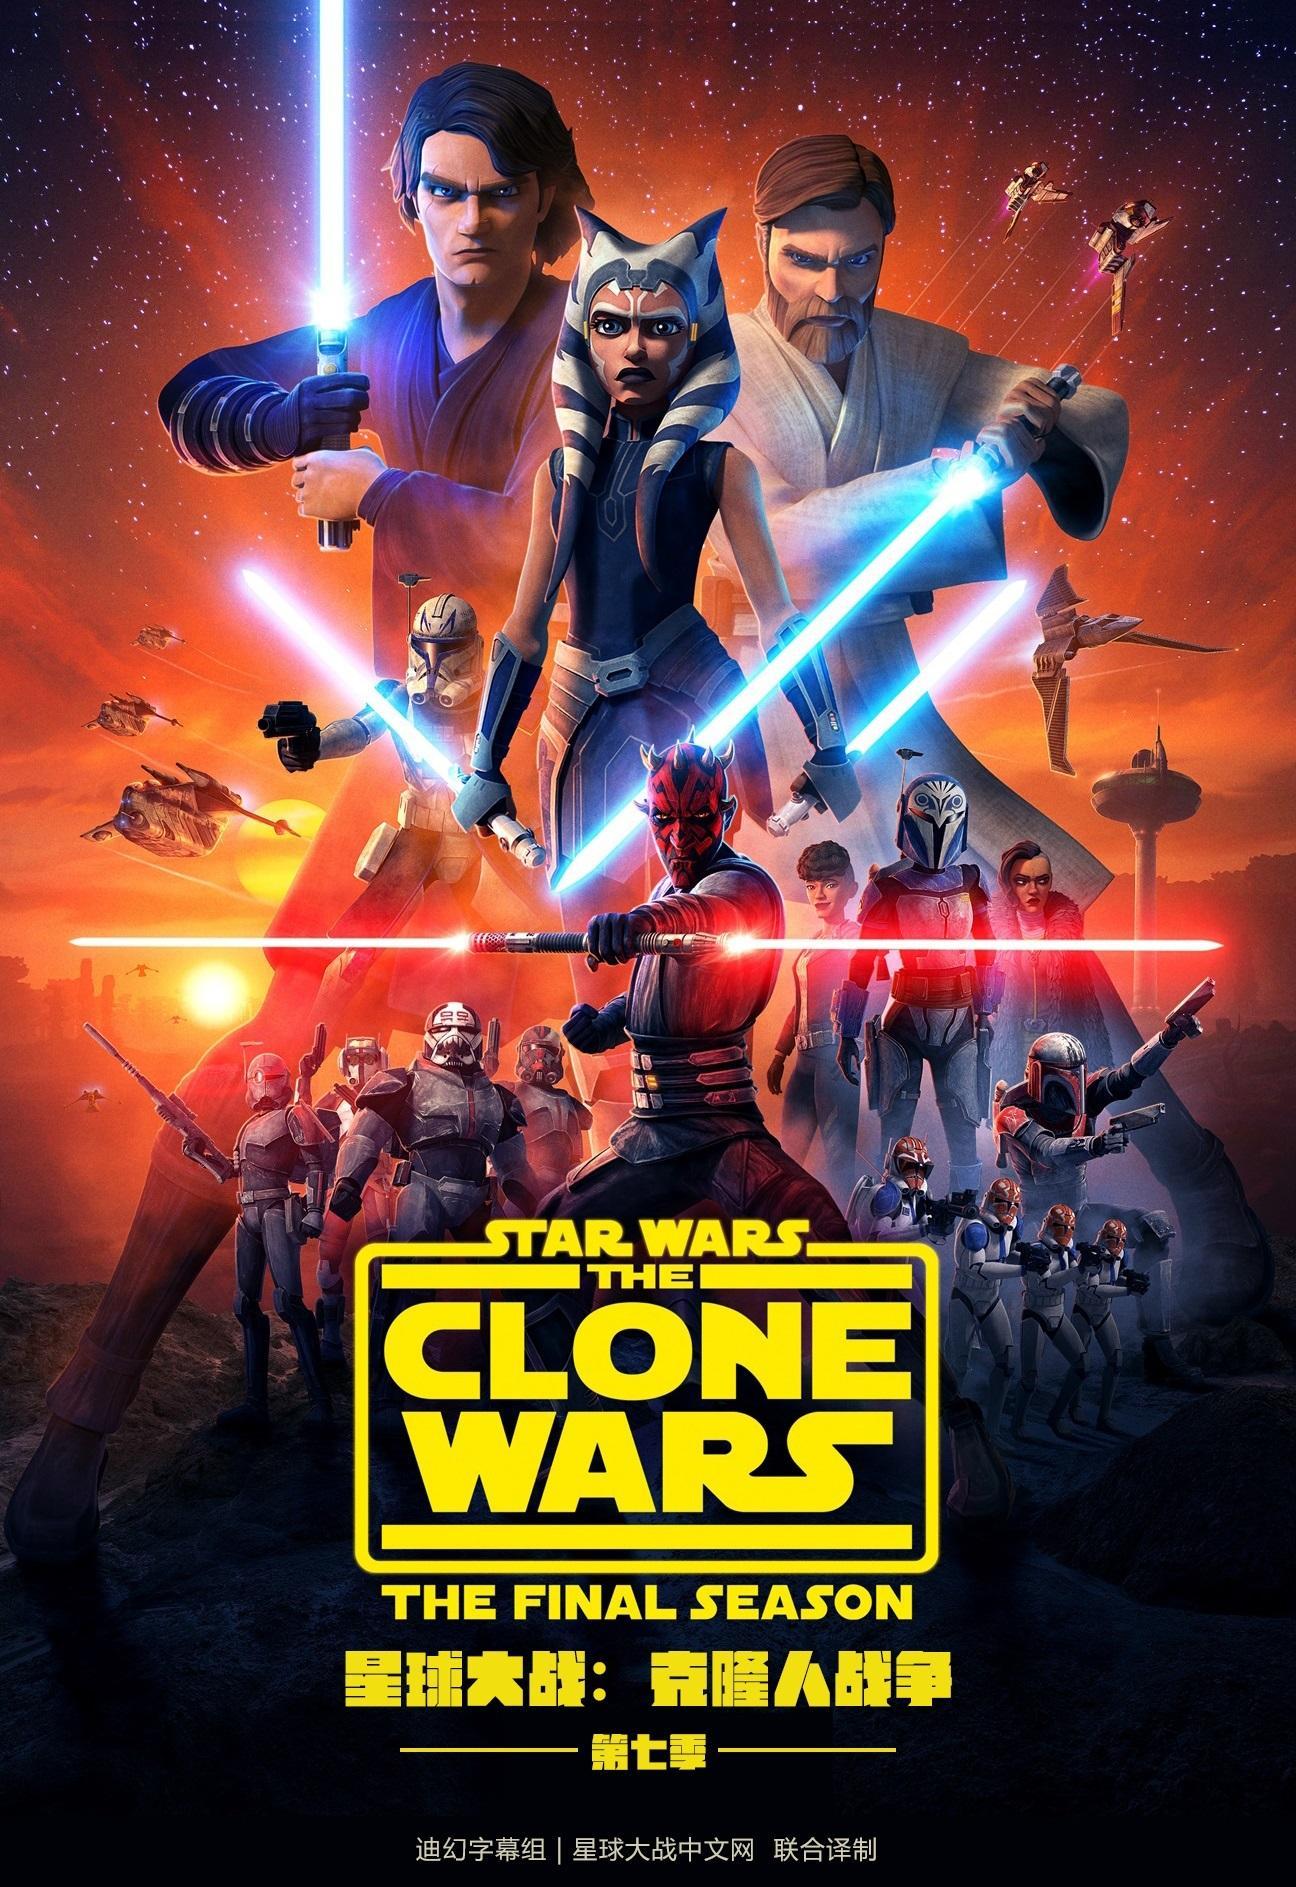 【星球大战:克隆人战争/Star Wars: The Clone Wars】[第七季][中英双字]全12集